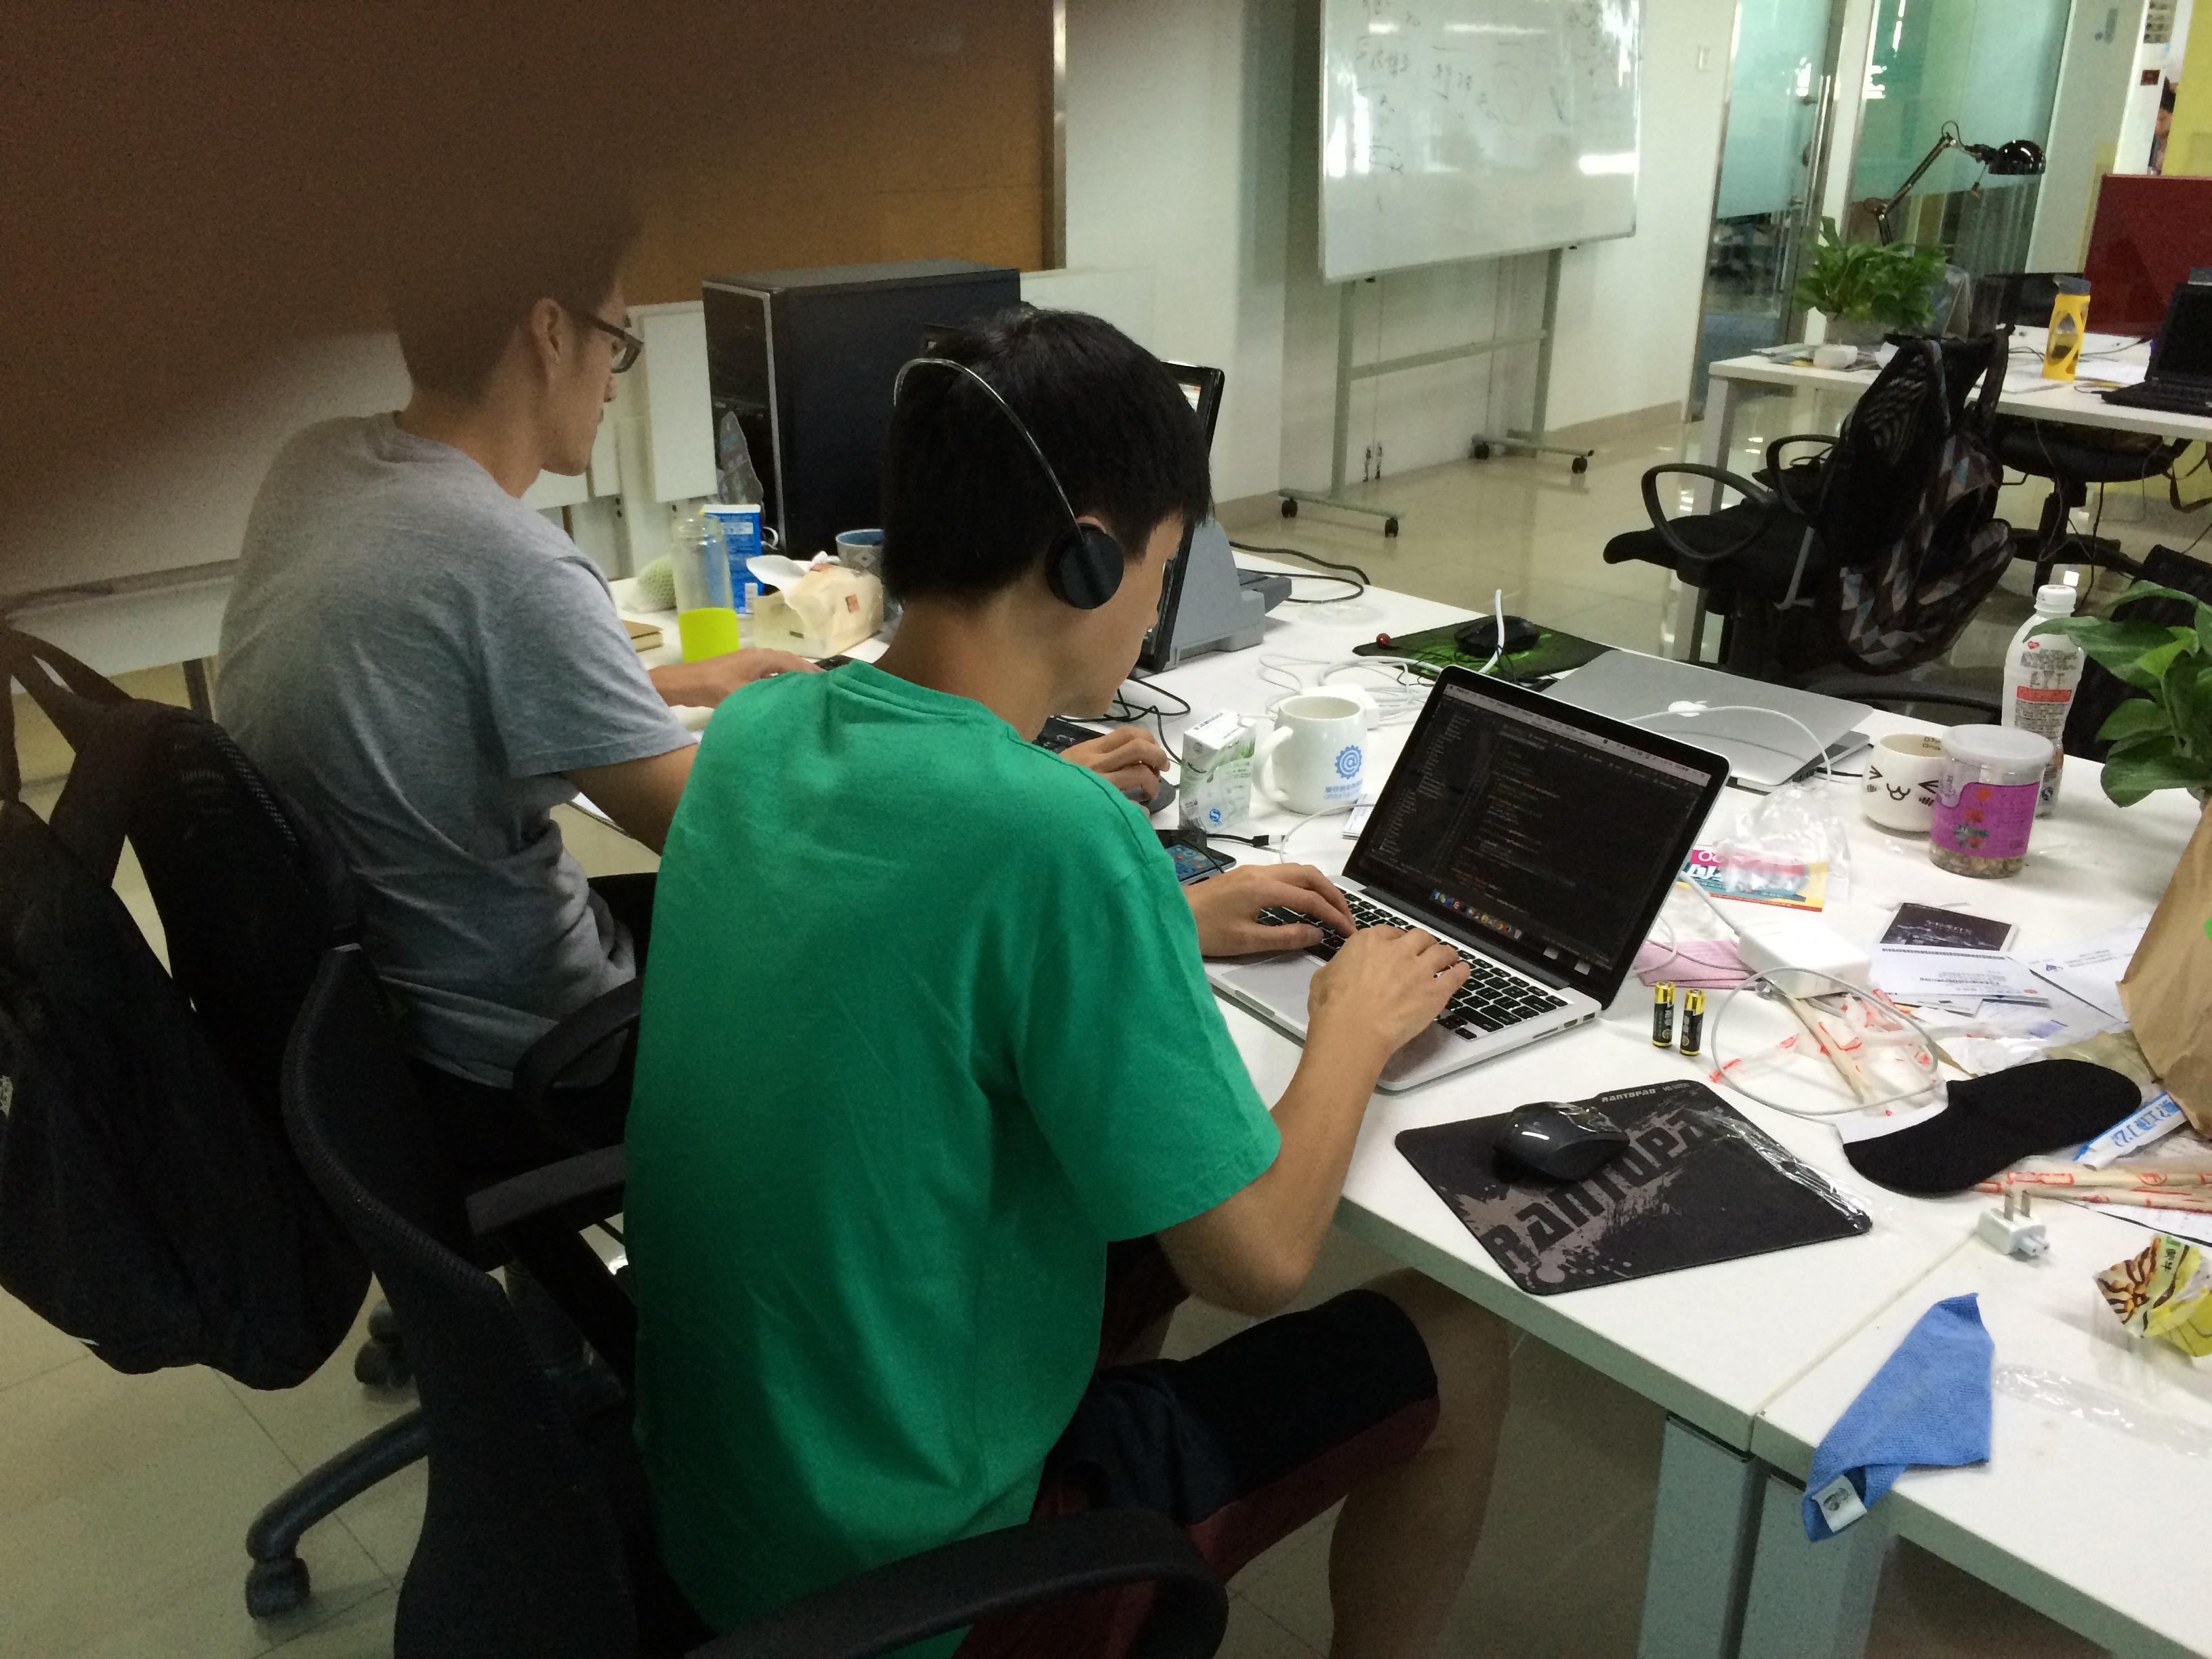 电子商务实习_销售实习生_厦门微之家科技有限公司最新招聘信息 - 厦门597人才网